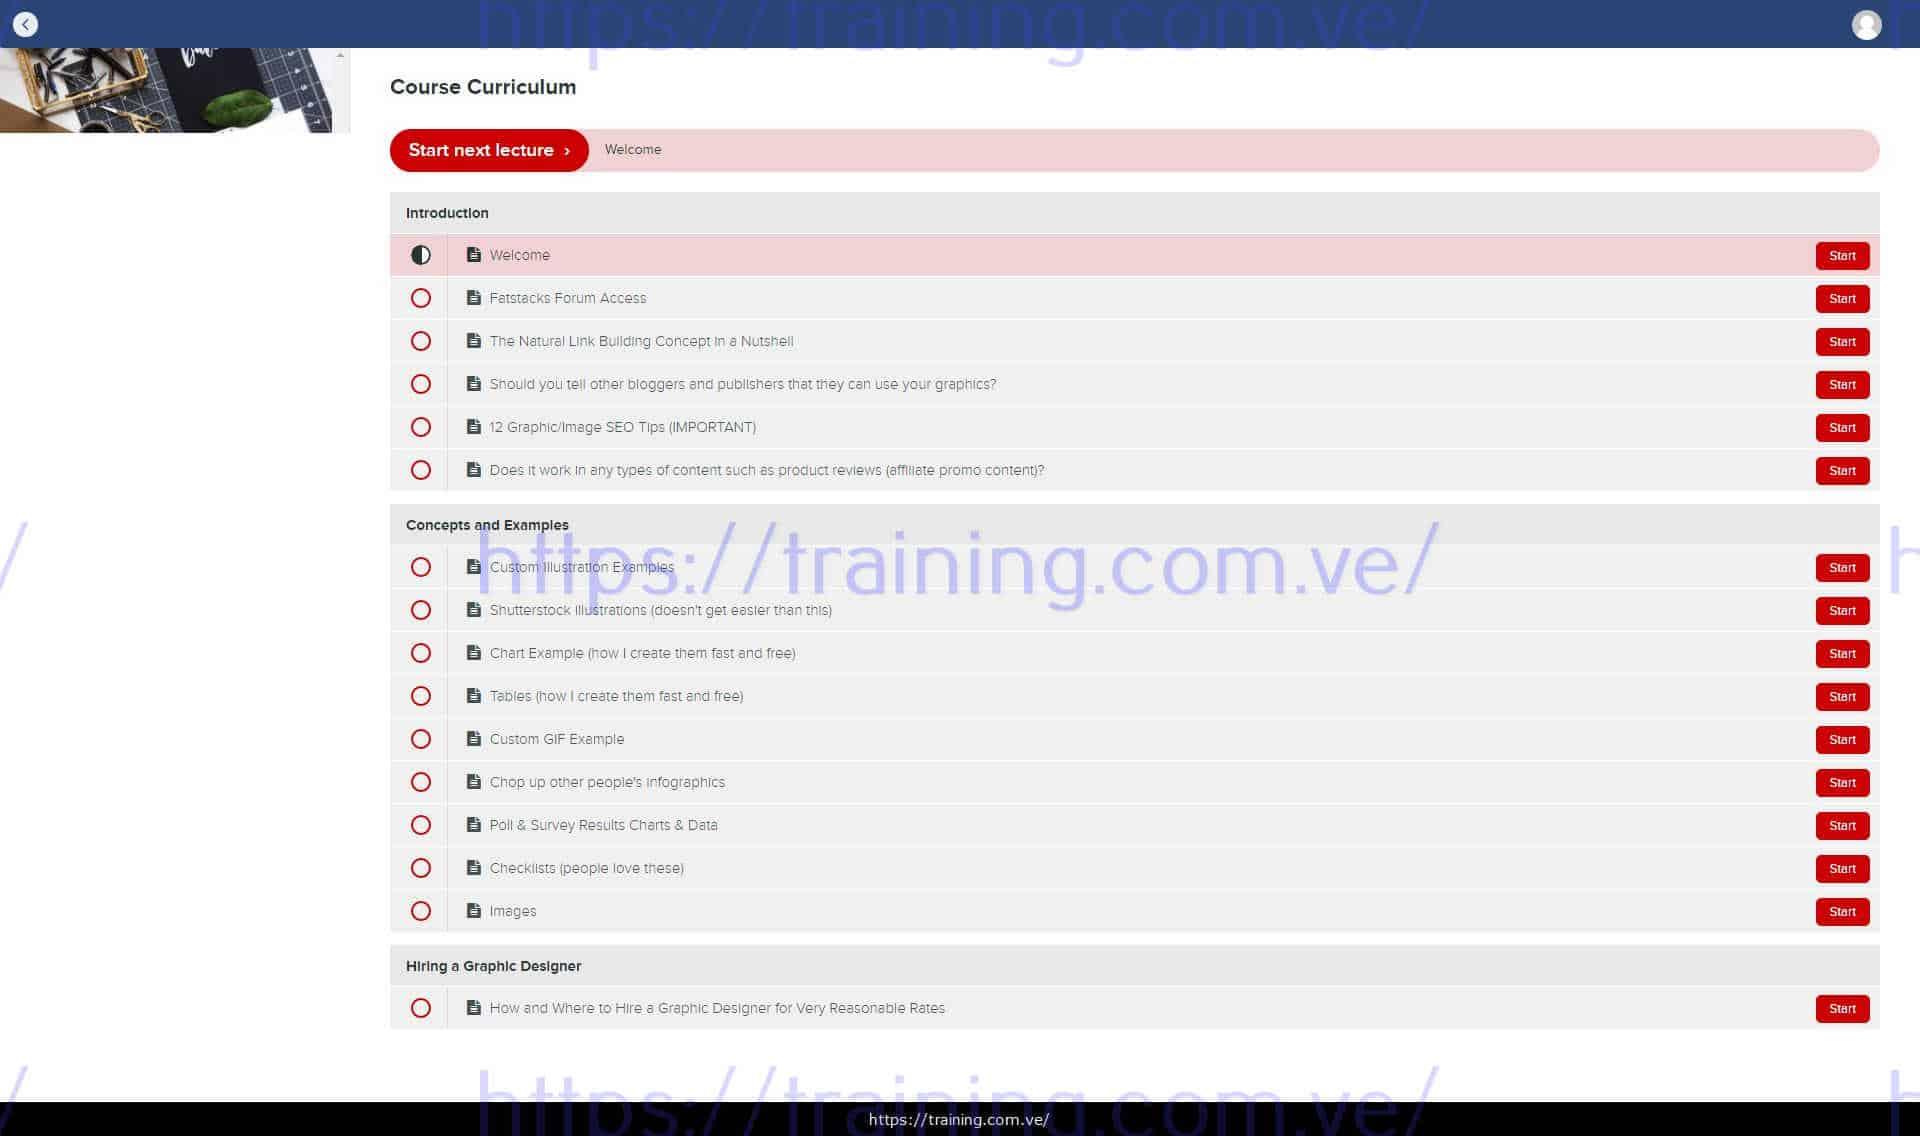 Fatstacksblog Bundle 5 Courses by Jon Dykstra Download